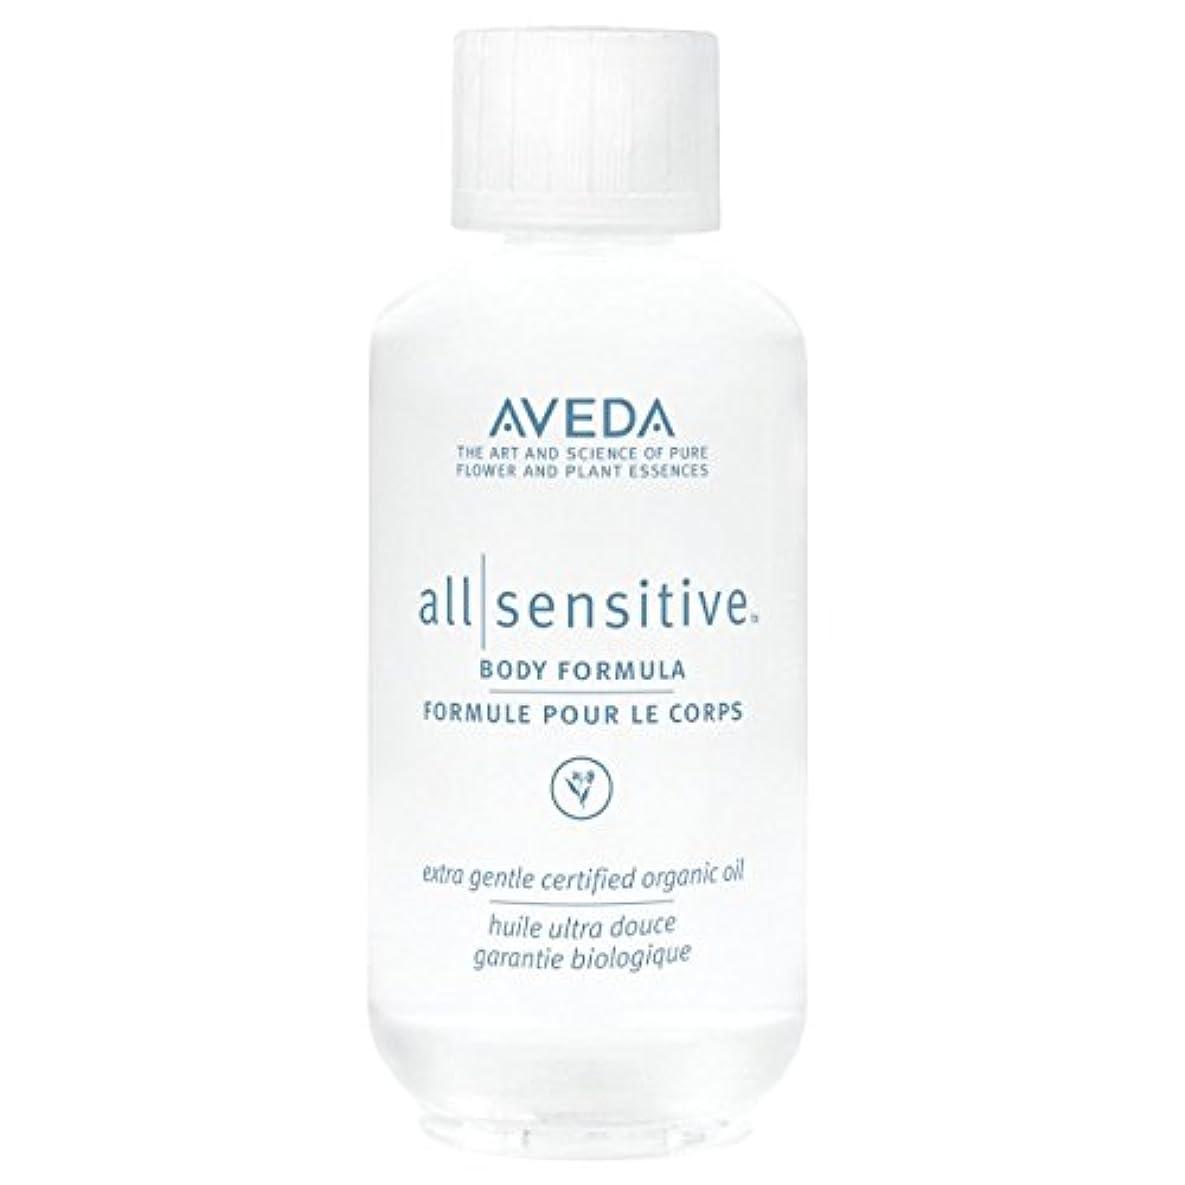 ピストン原理ルアー[AVEDA] アヴェダすべての敏感な身体式50ミリリットル - Aveda All Sensitive Body Formula 50ml [並行輸入品]